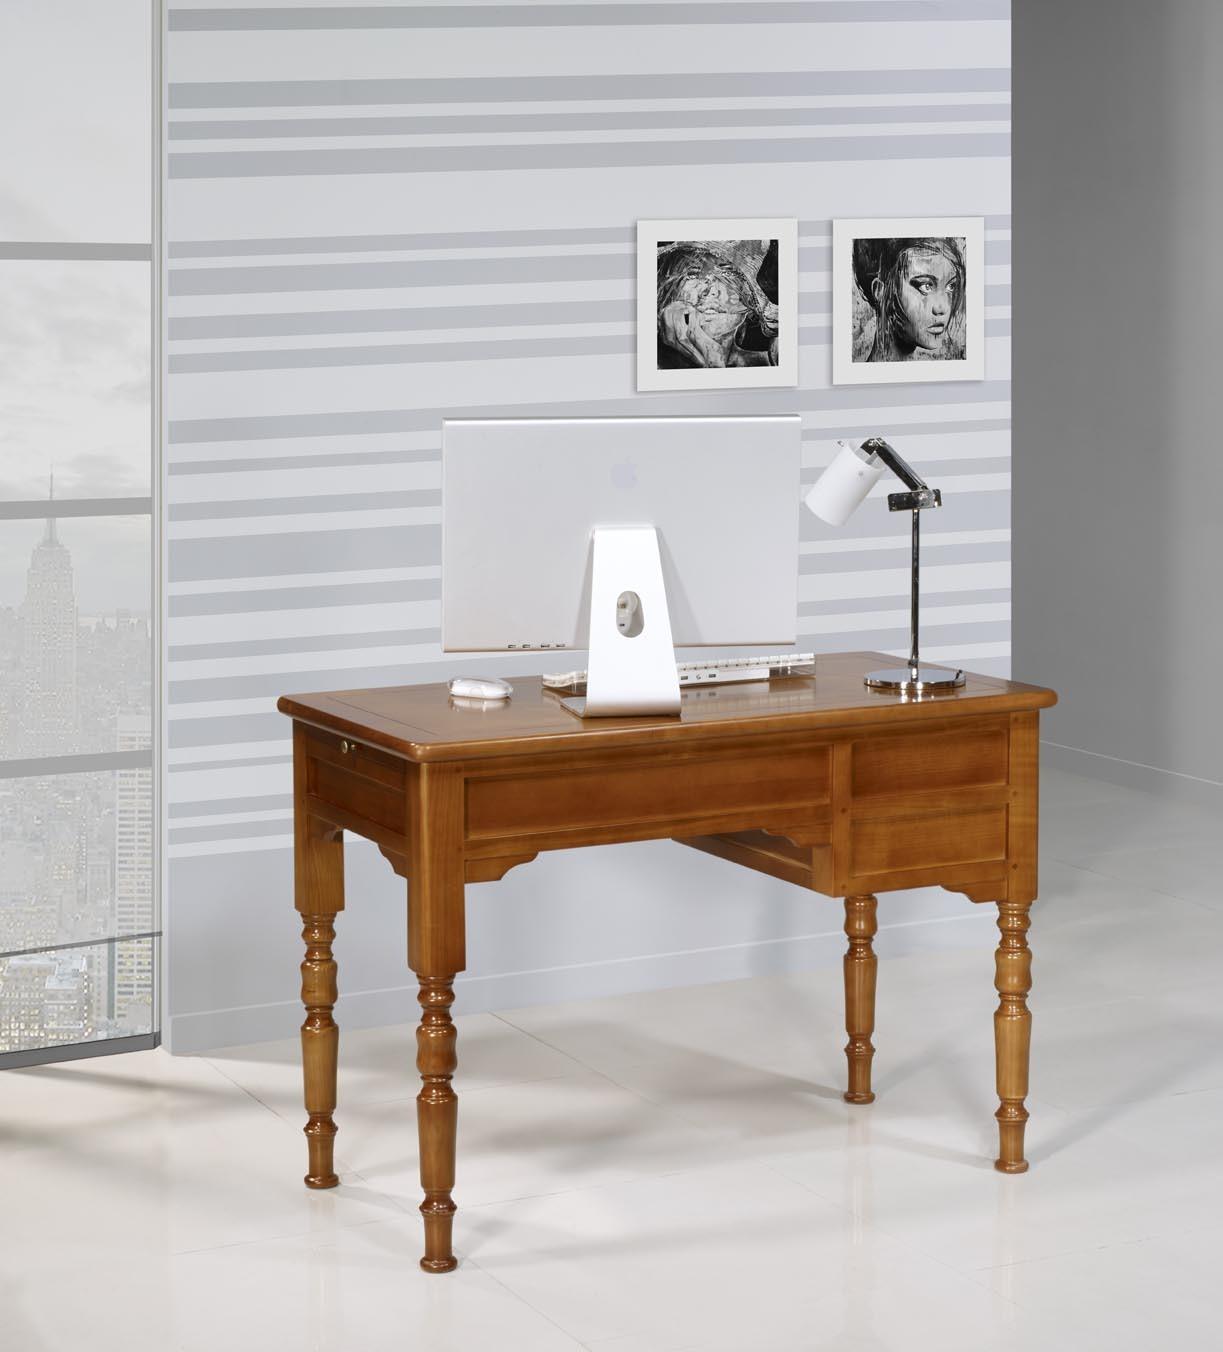 Mesa escritorio r my en madera maciza de cerezo estilo for Mesas de escritorio zaragoza